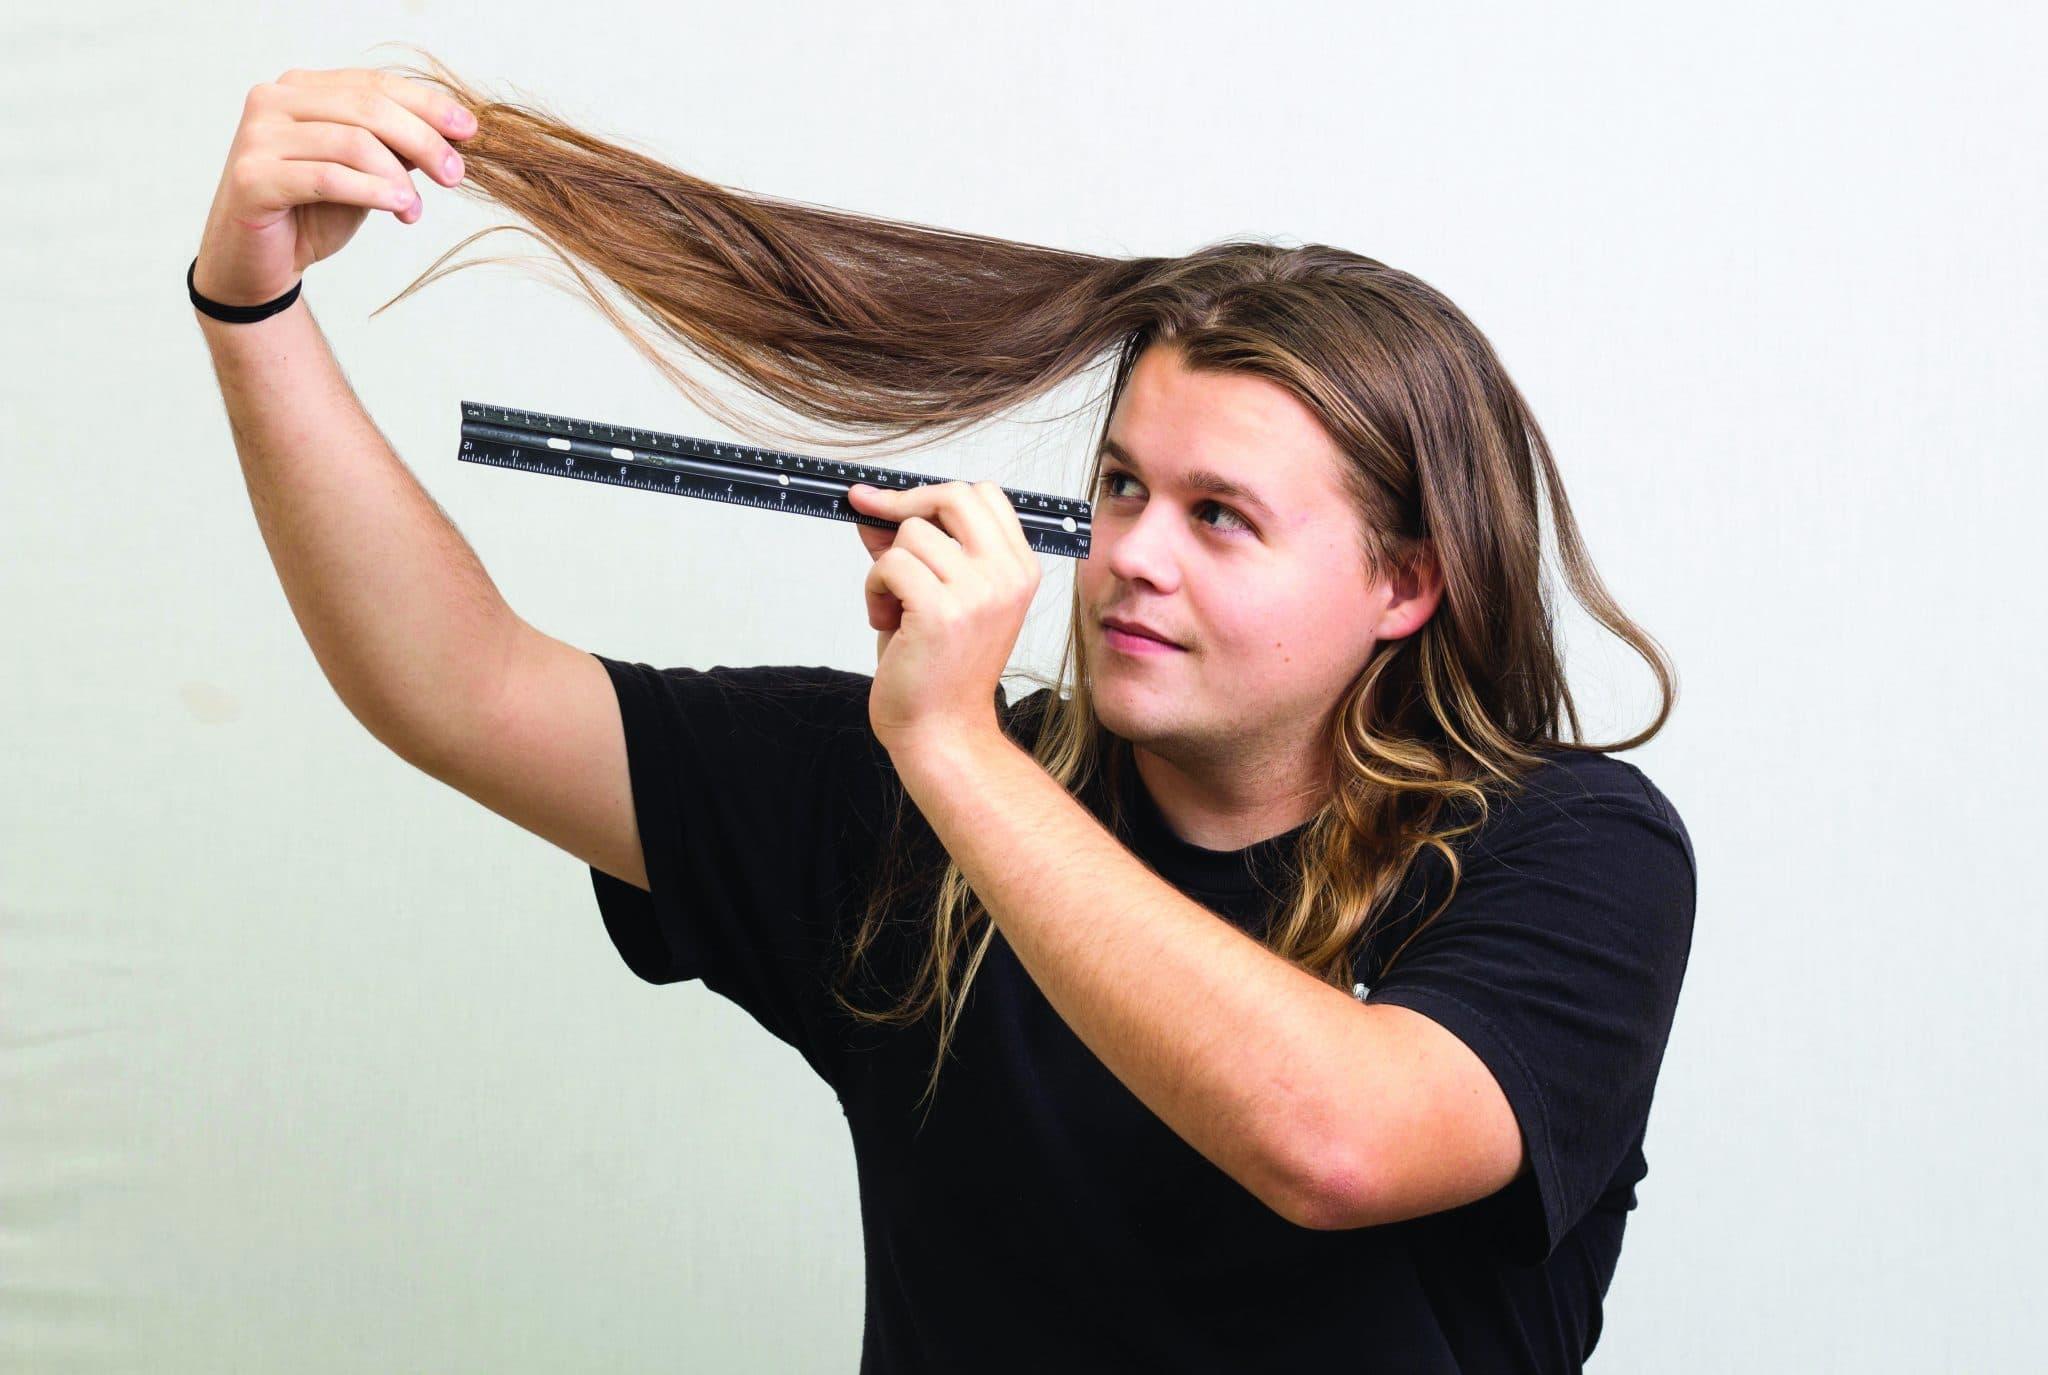 Long hair dress code